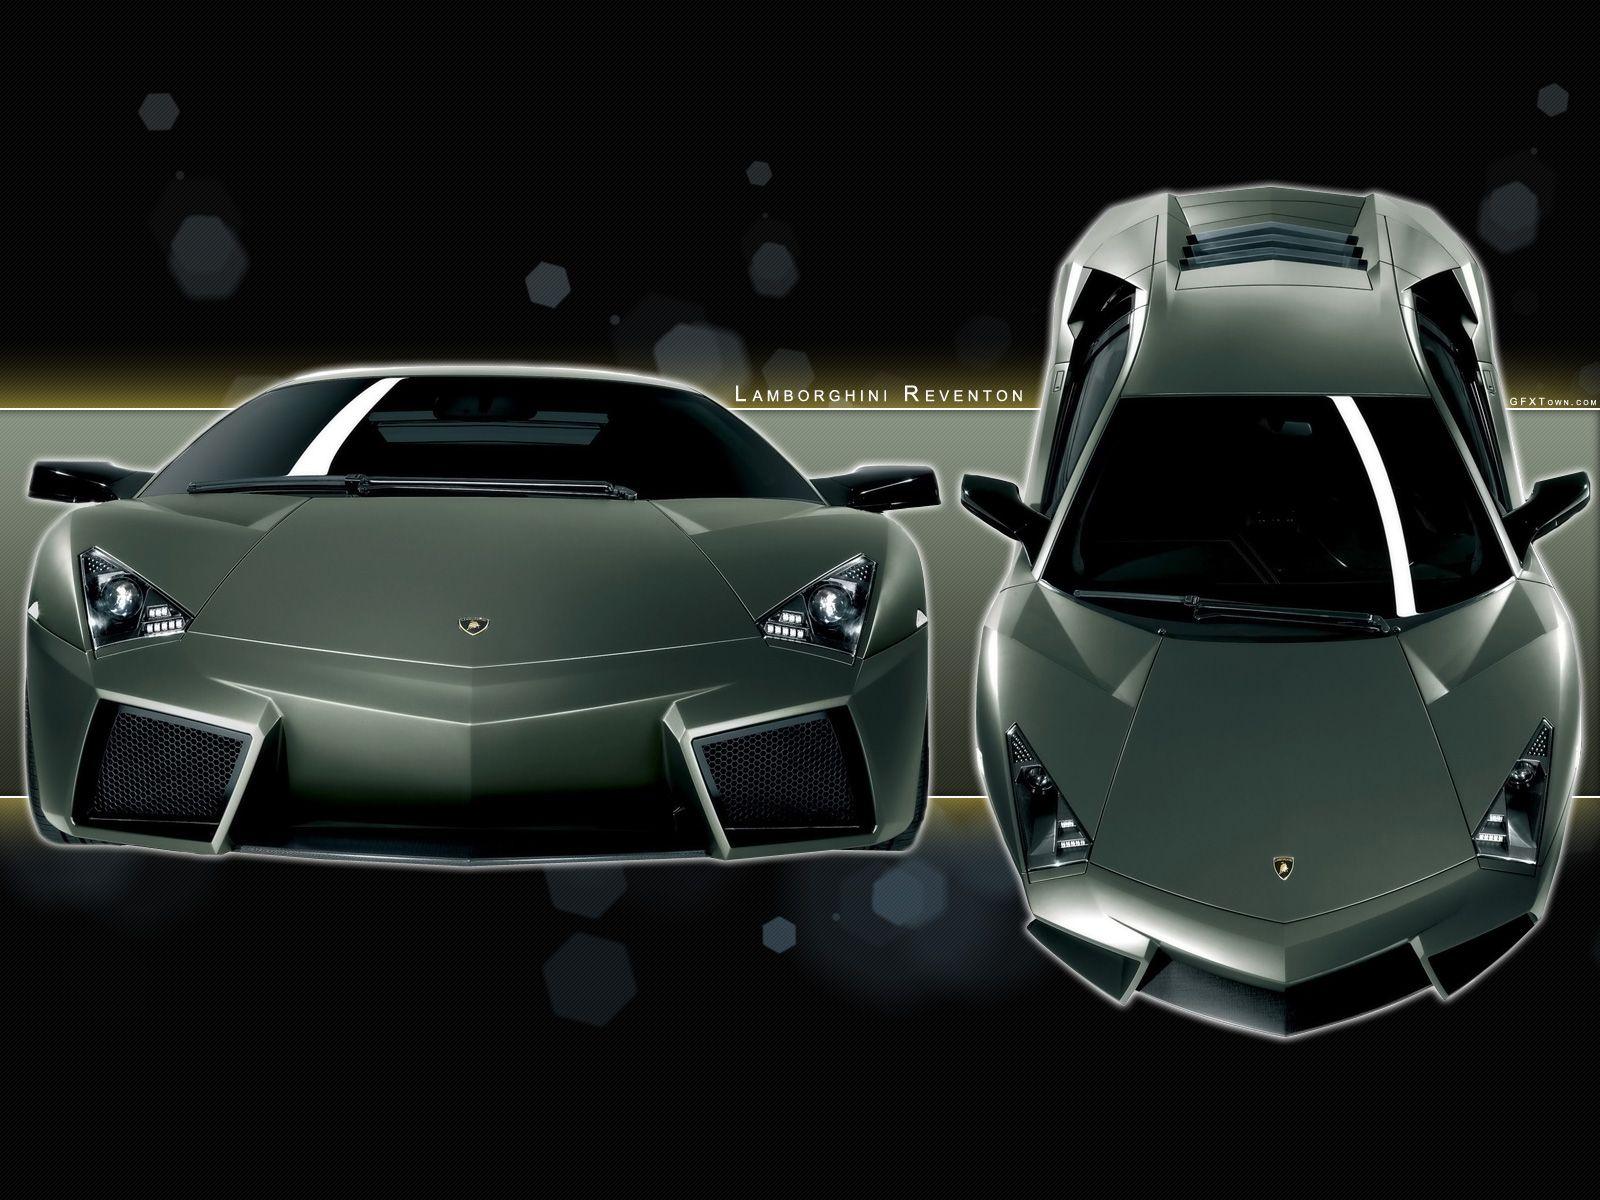 Top Wallpaper High Resolution Lamborghini Aventador - 360d7b788e5b849c85036f34692af328  You Should Have_94434.jpg